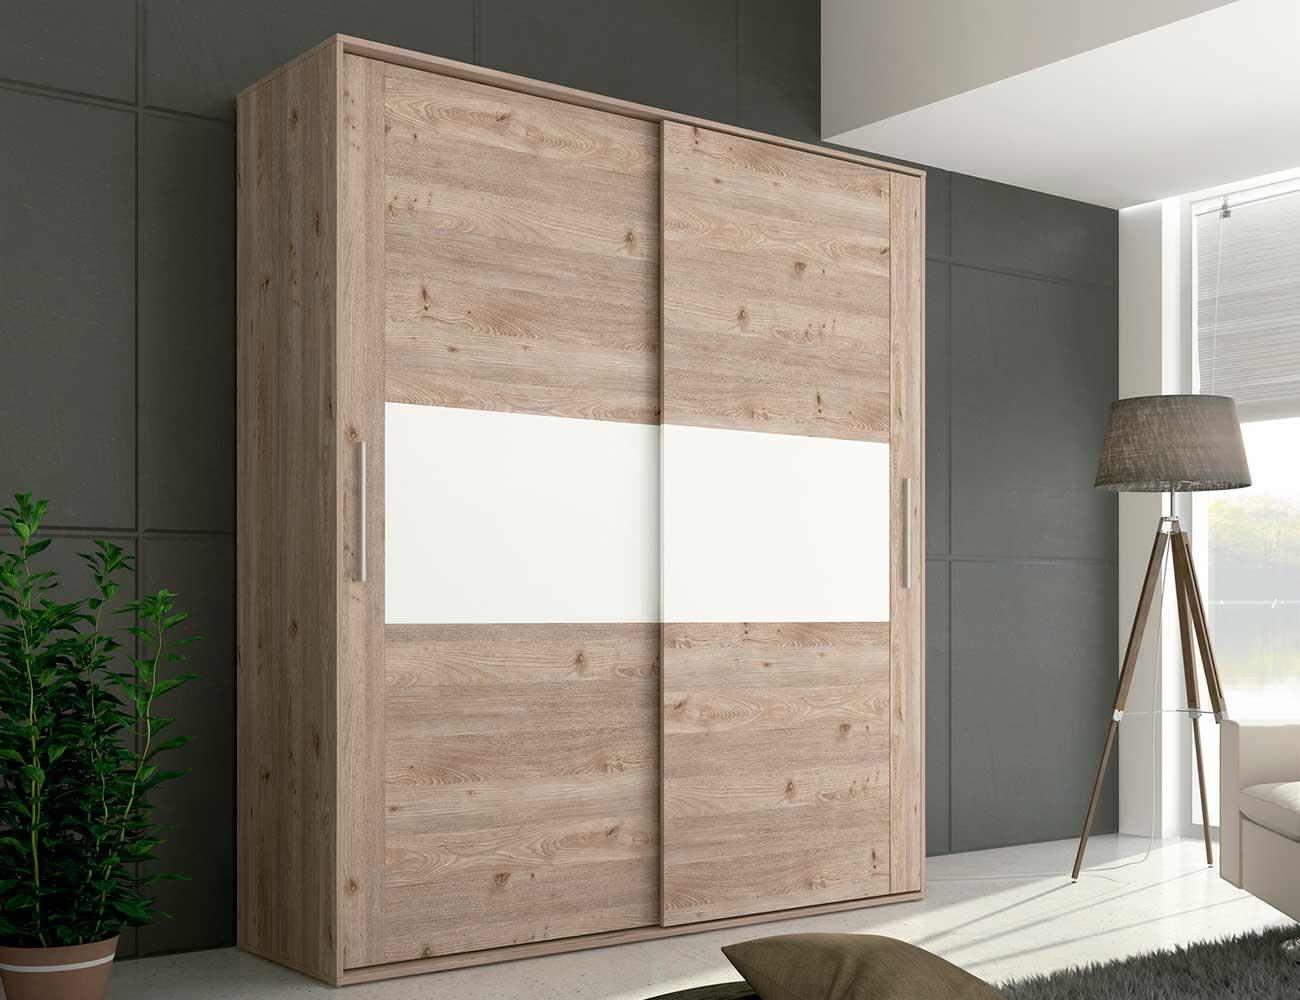 Armario 2 puertas correderas en nelson con blanco brillo 21539 factory del mueble utrera - Armario blanco puertas correderas ...